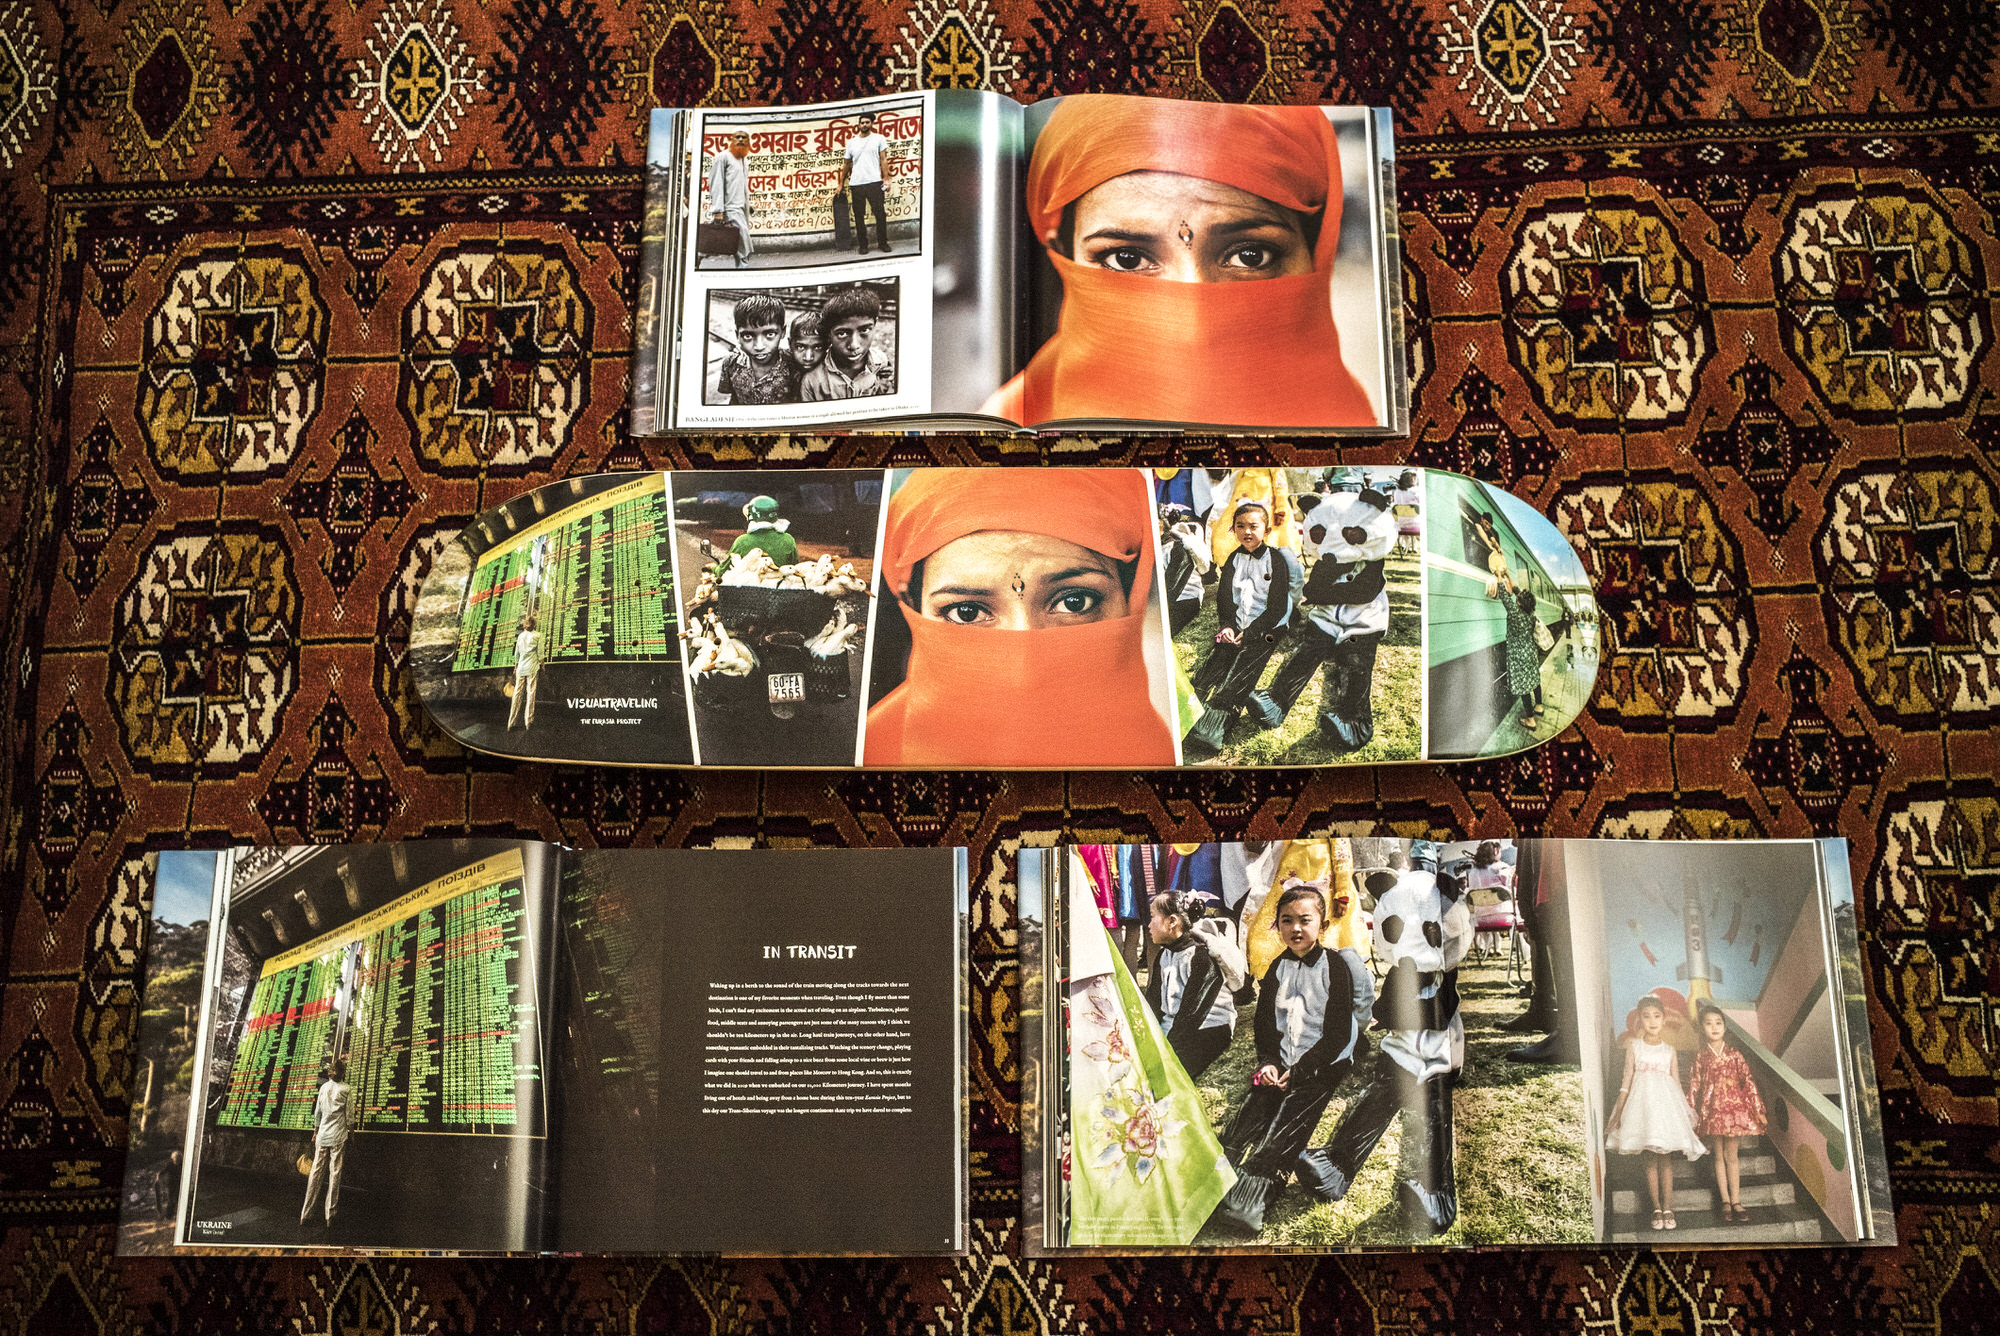 Digital Patrik Wallner 2018 Eurasia Book and Board 6